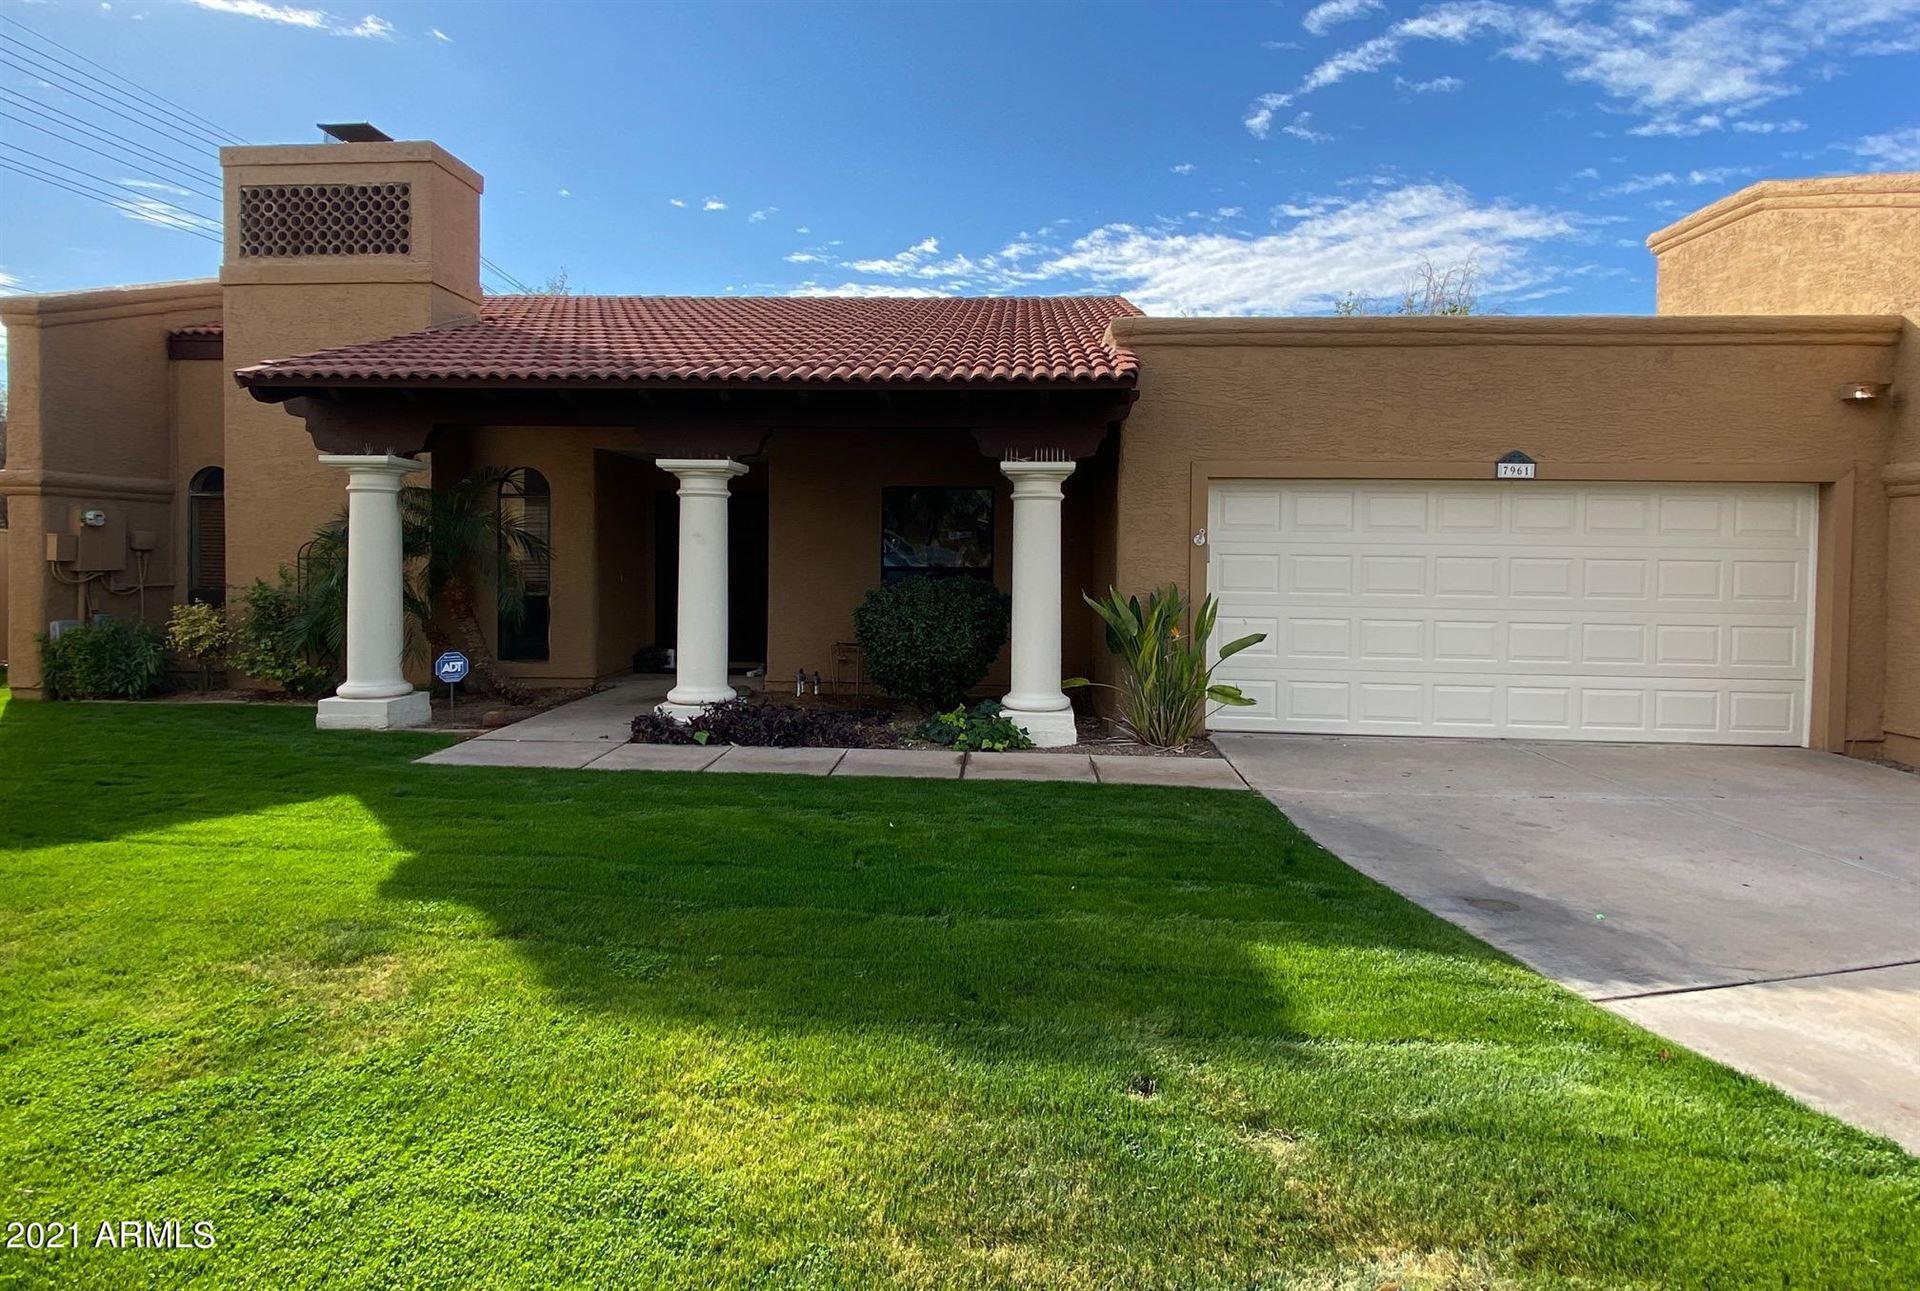 Photo of 7961 E CORONADO Road, Scottsdale, AZ 85257 (MLS # 6188424)